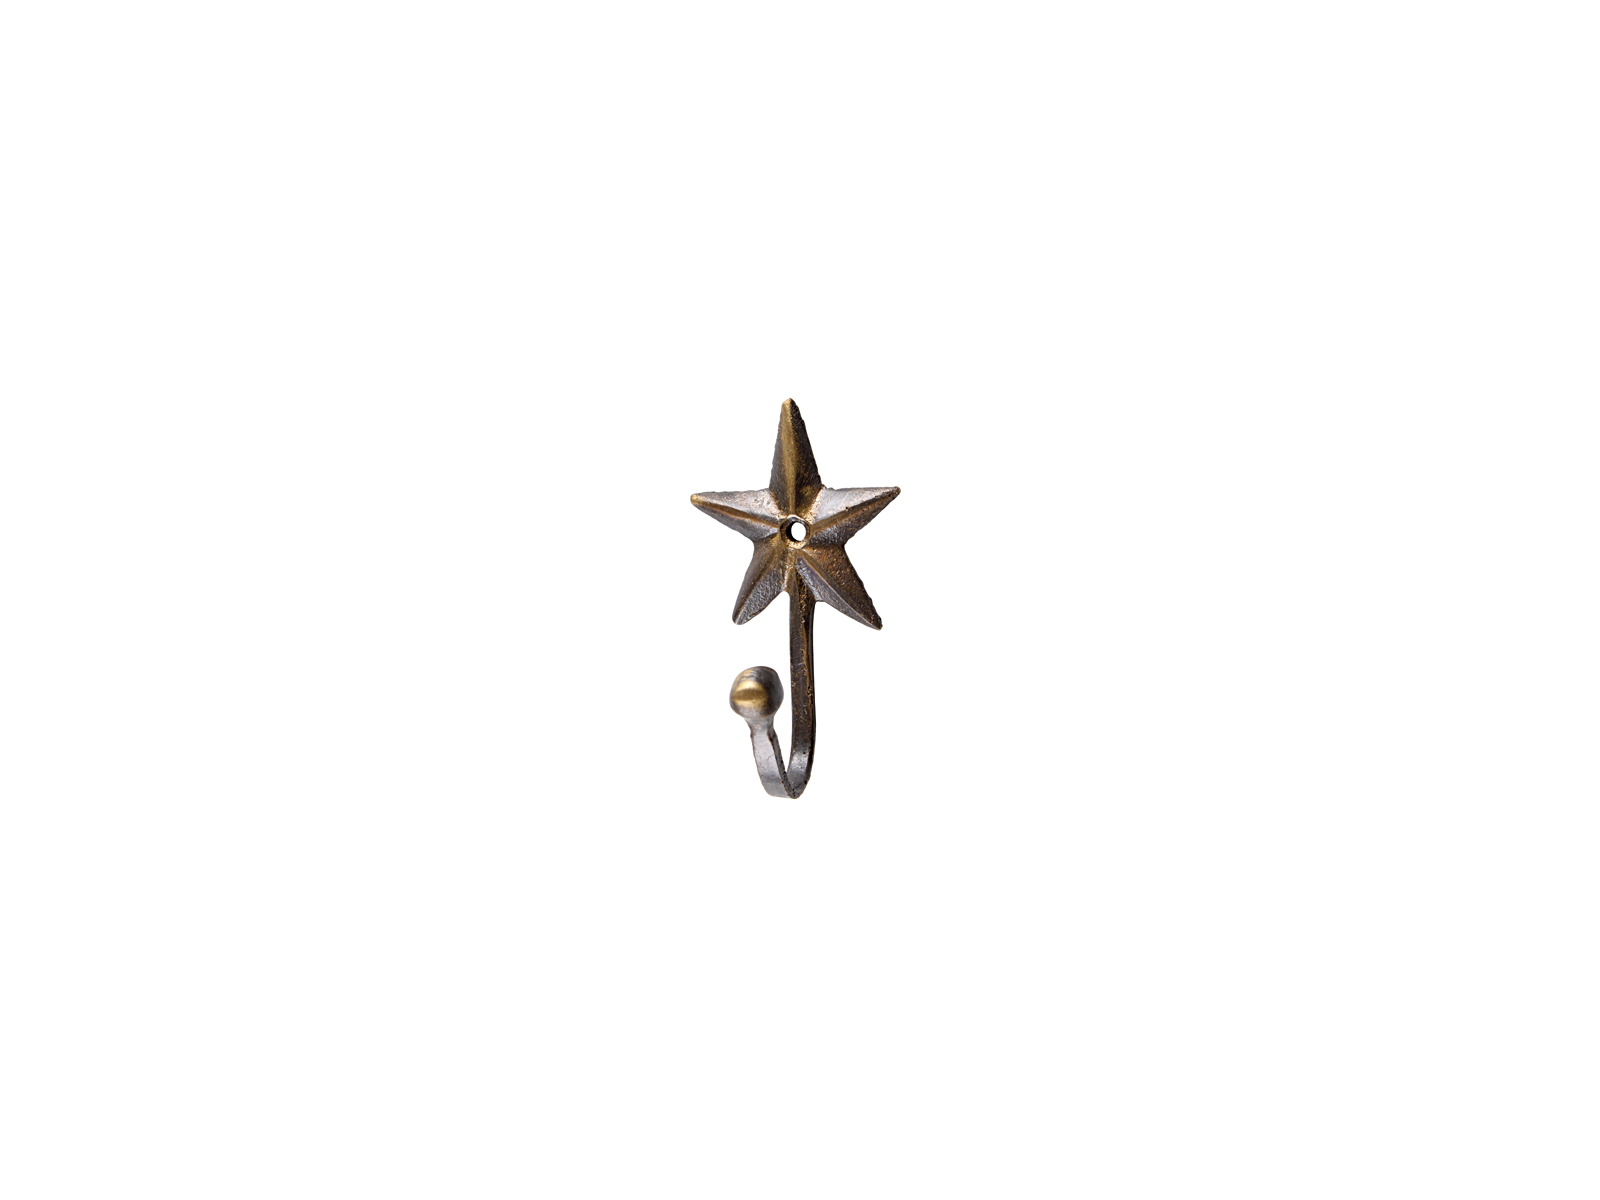 ブラスフック(星)